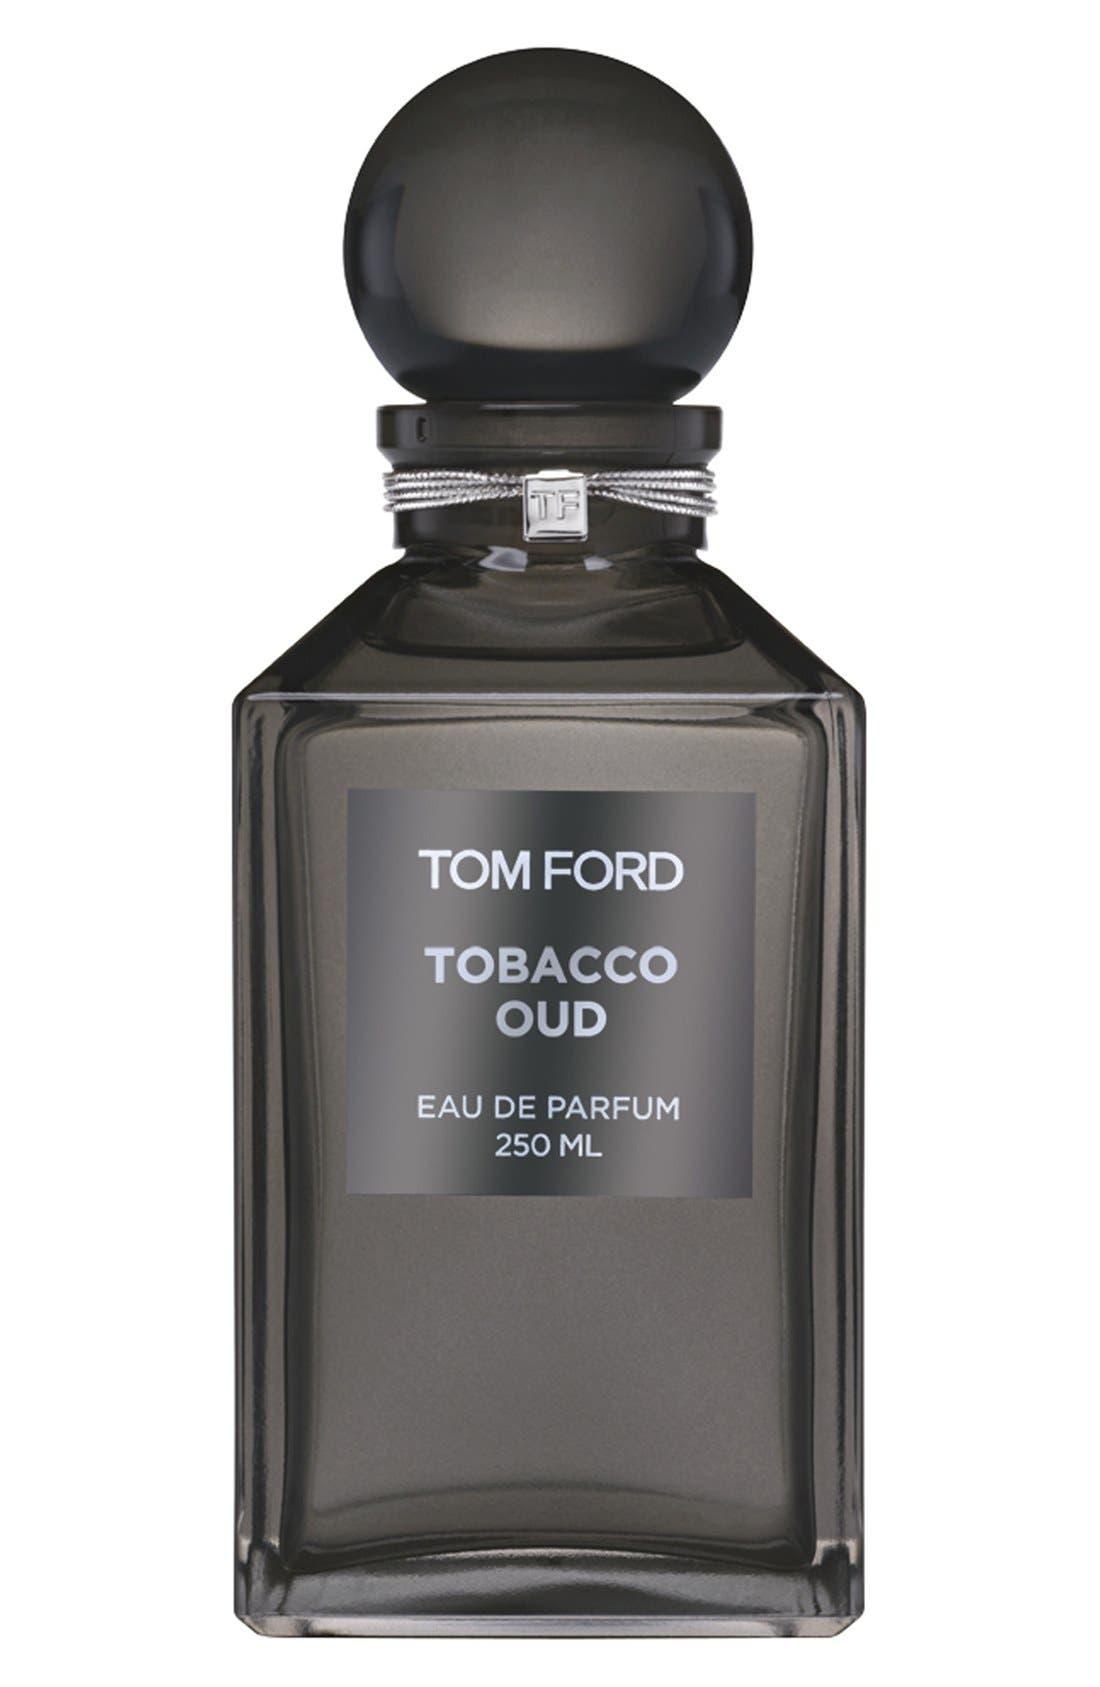 Tom Ford Private Blend Tobacco Oud Eau de Parfum Decanter